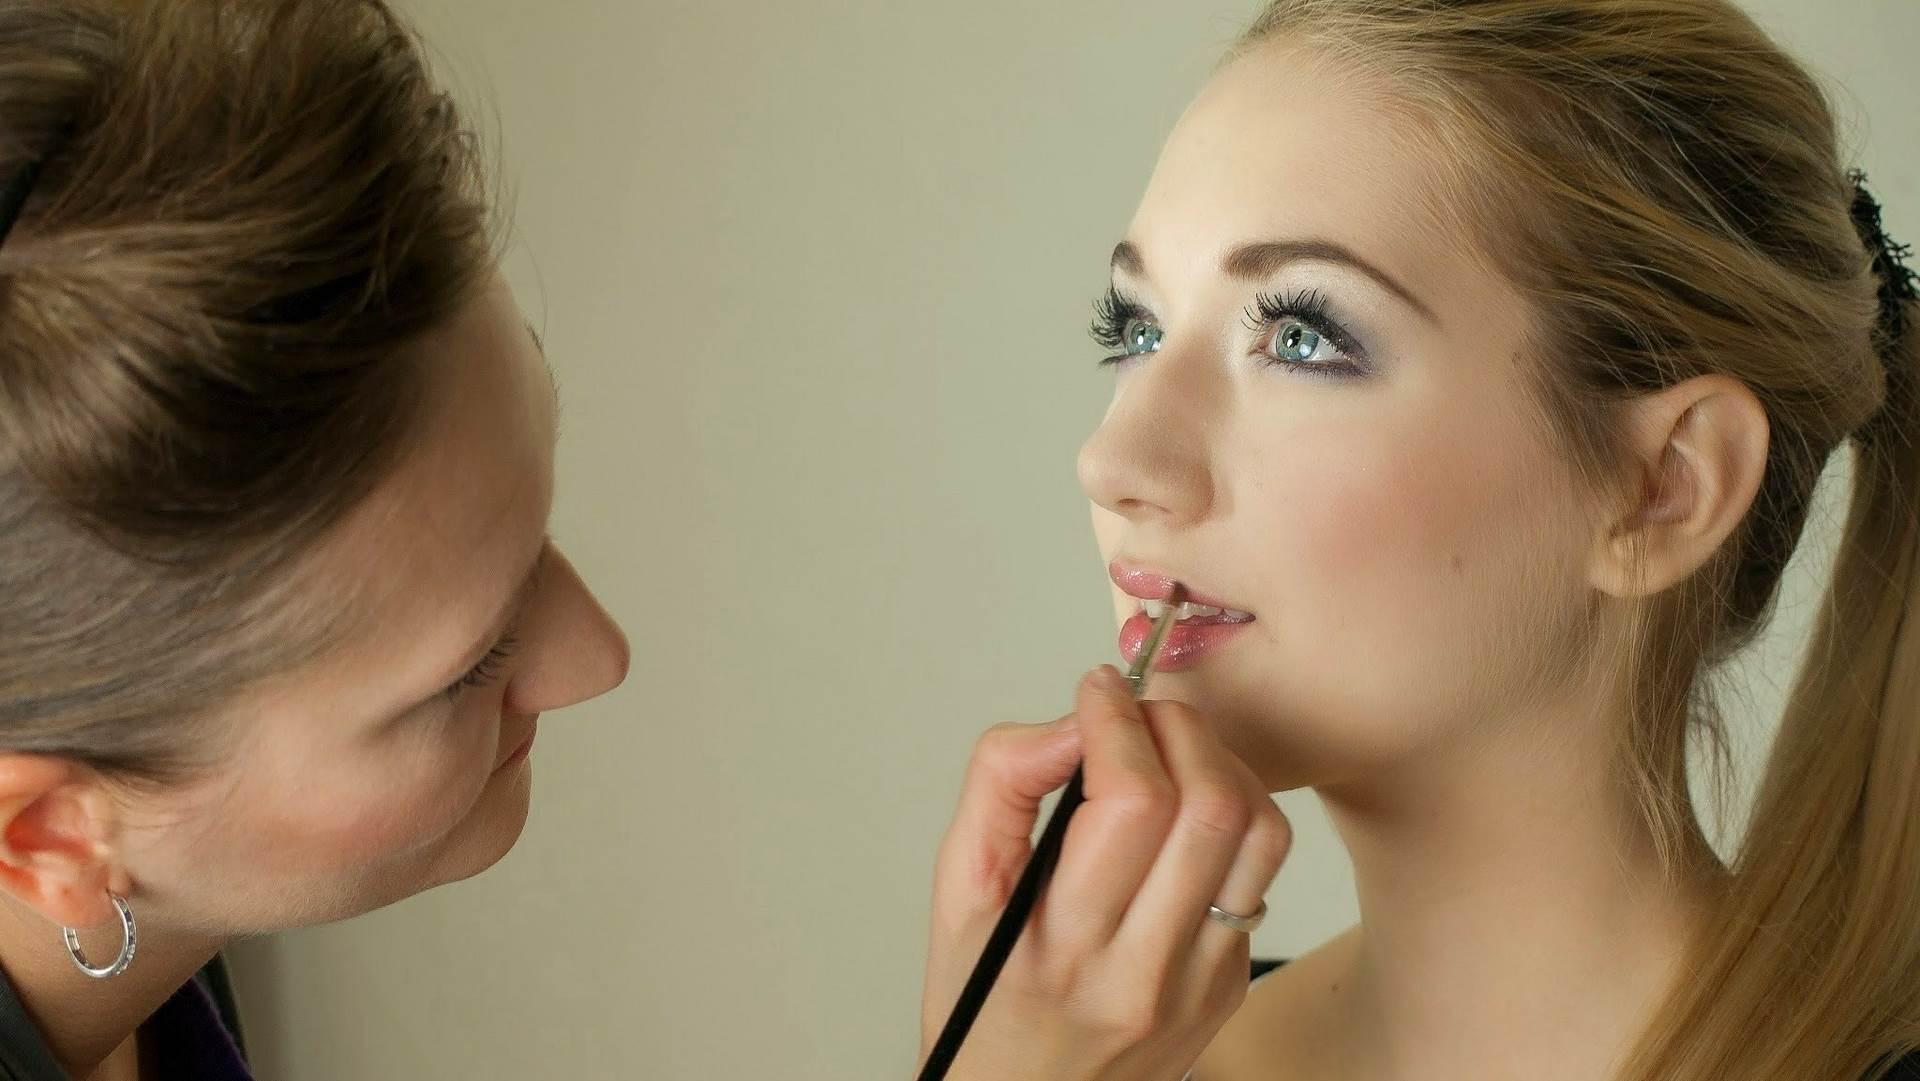 Realidad o ficción en la cosmética. IStock